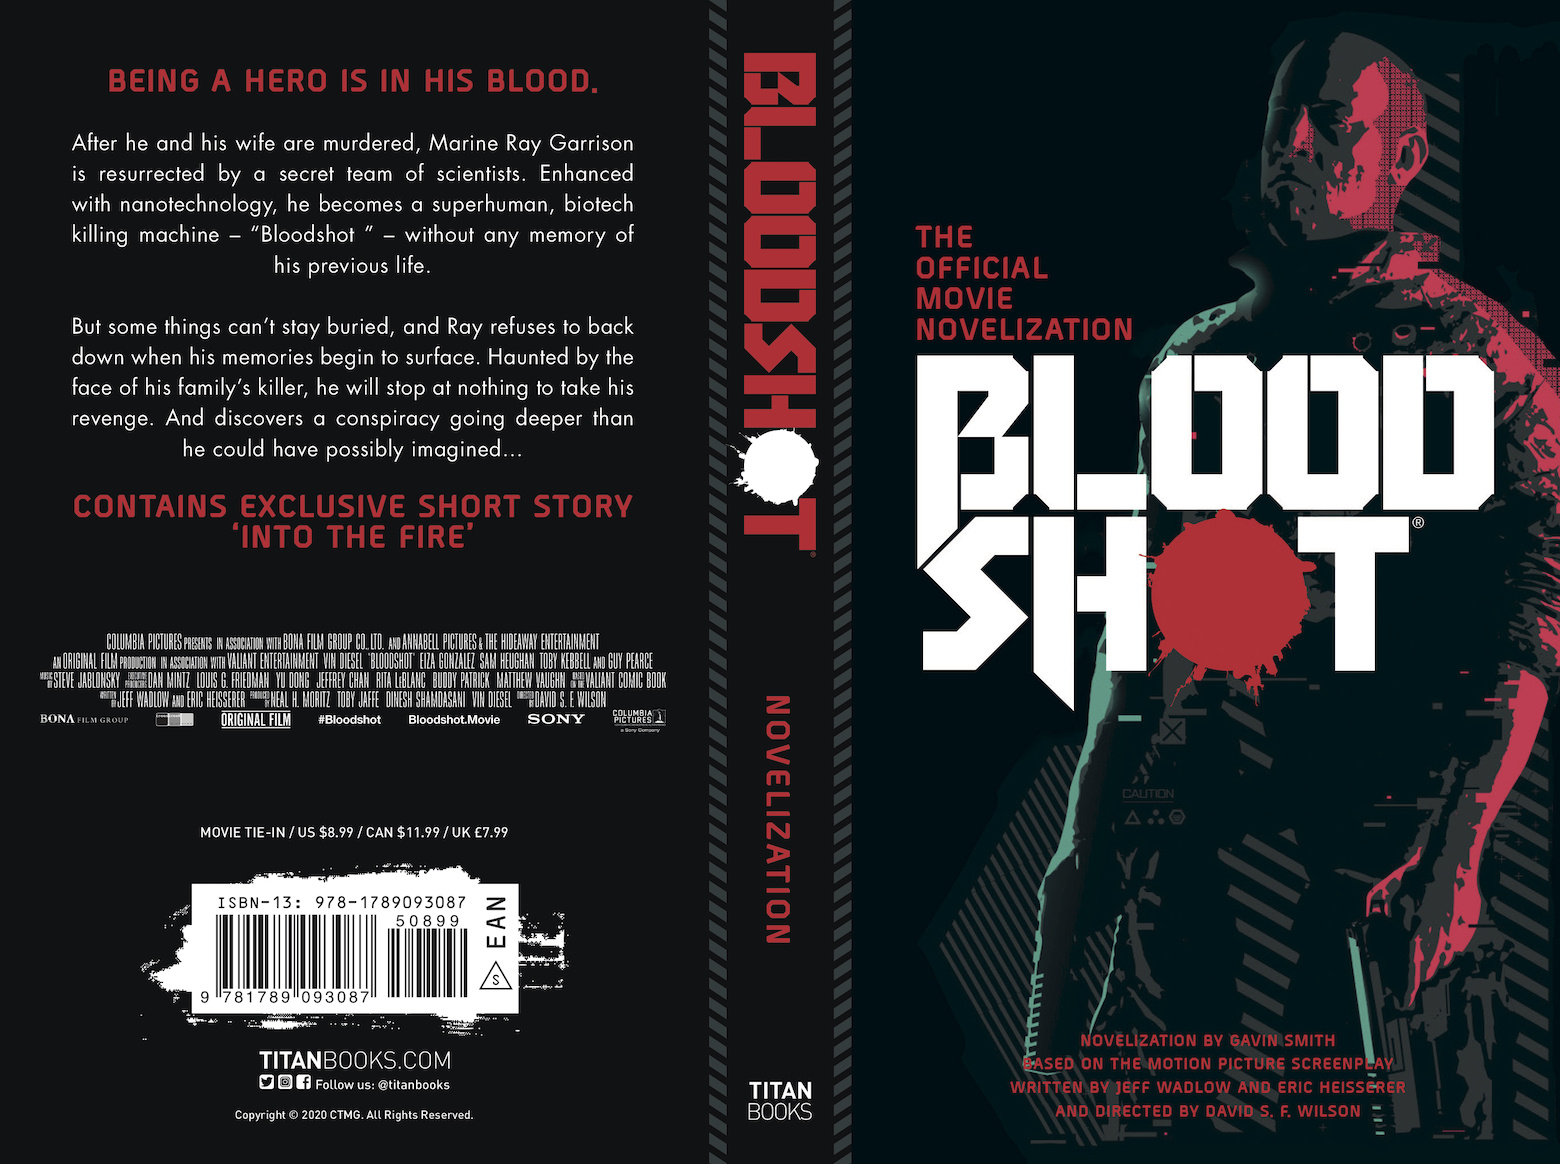 Bloodshot movie novelization